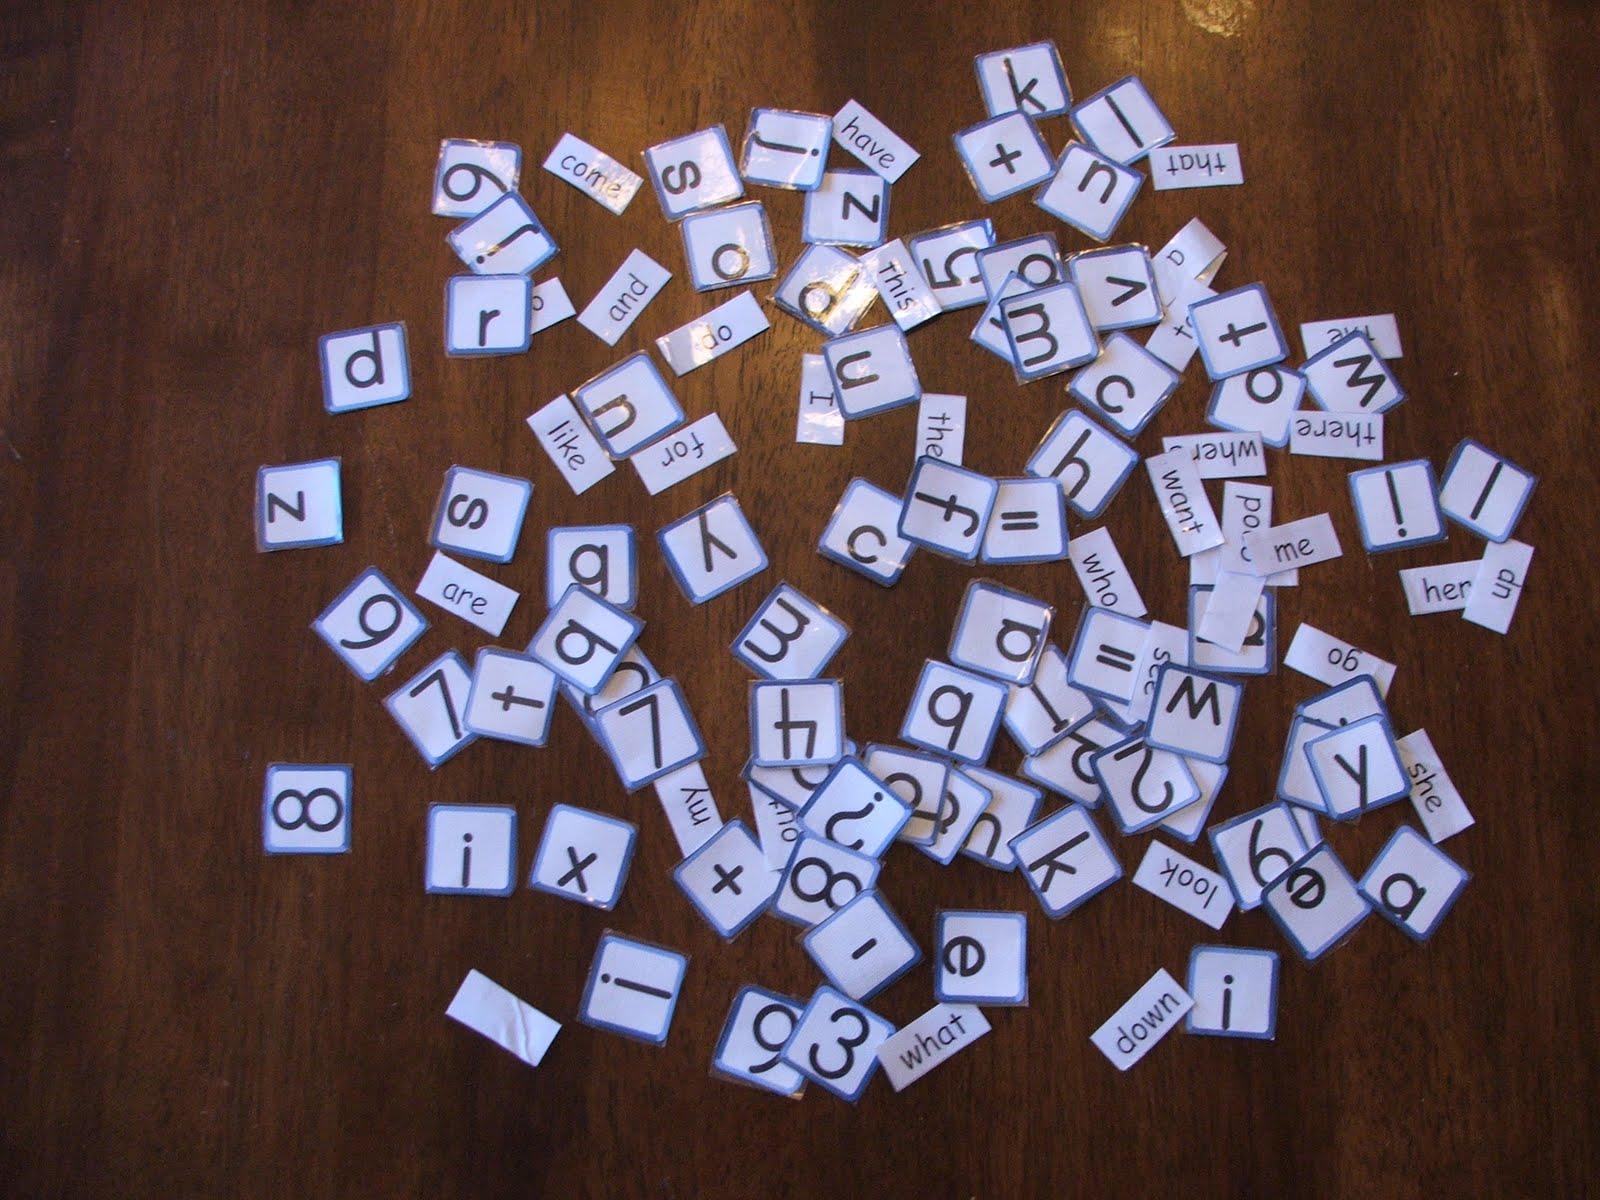 Doodlebug S Homeschool Make Your Own Letter Tiles